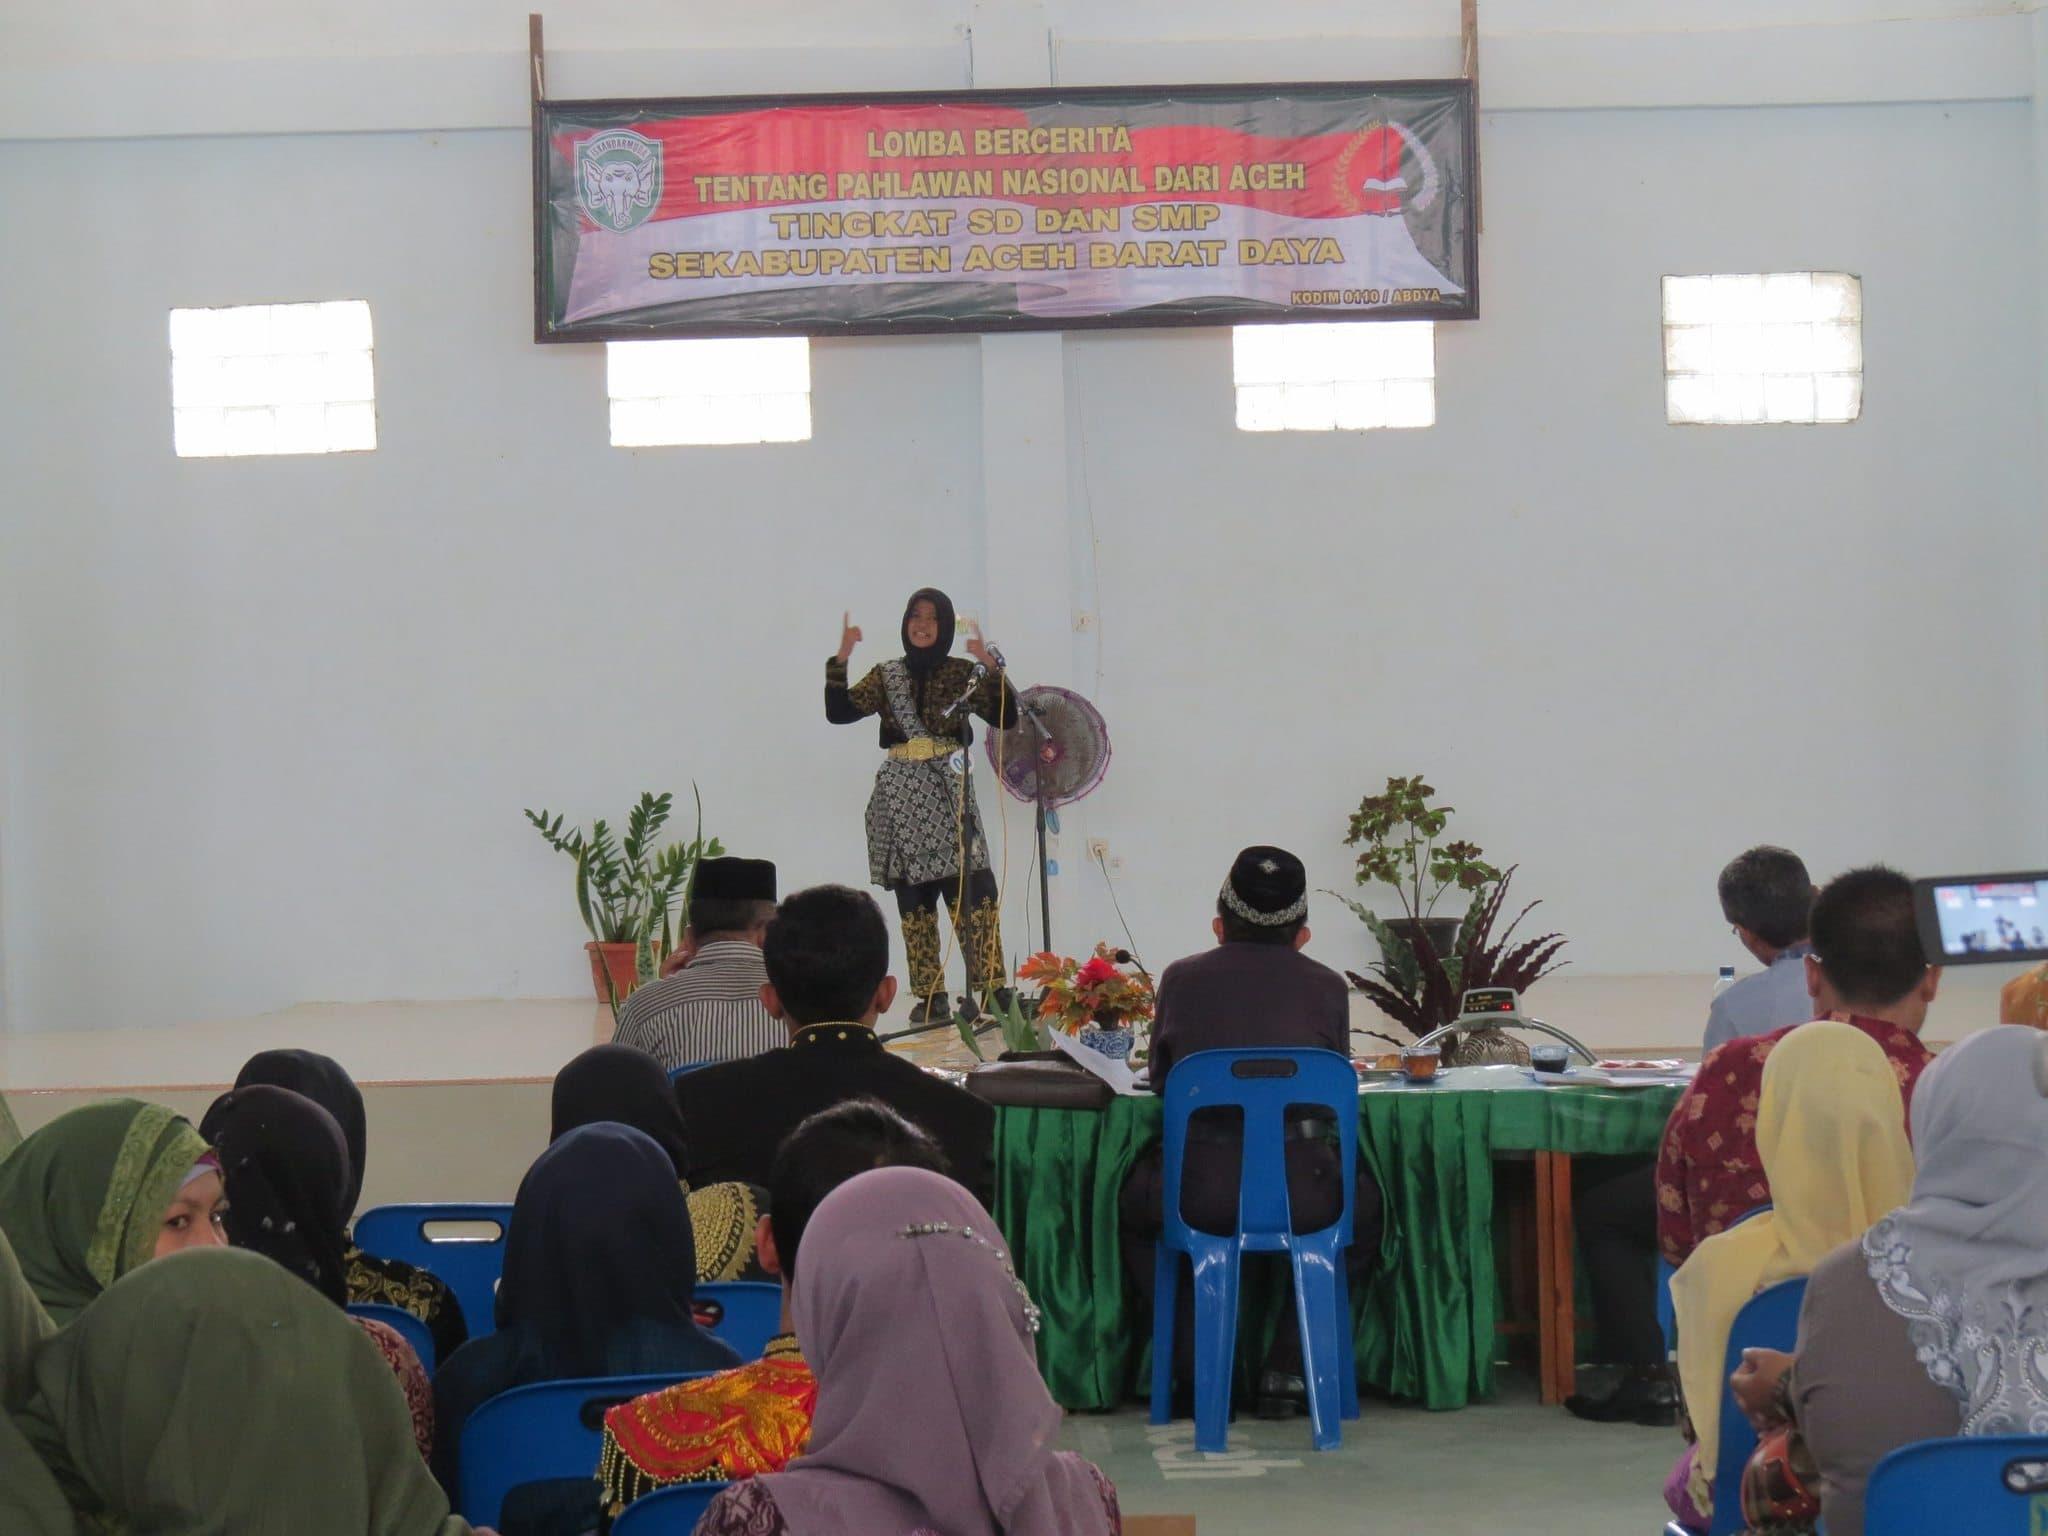 Siswa SD Dan SMP Ikuti Lomba Cerita Pahlawan Nasional Dari Aceh